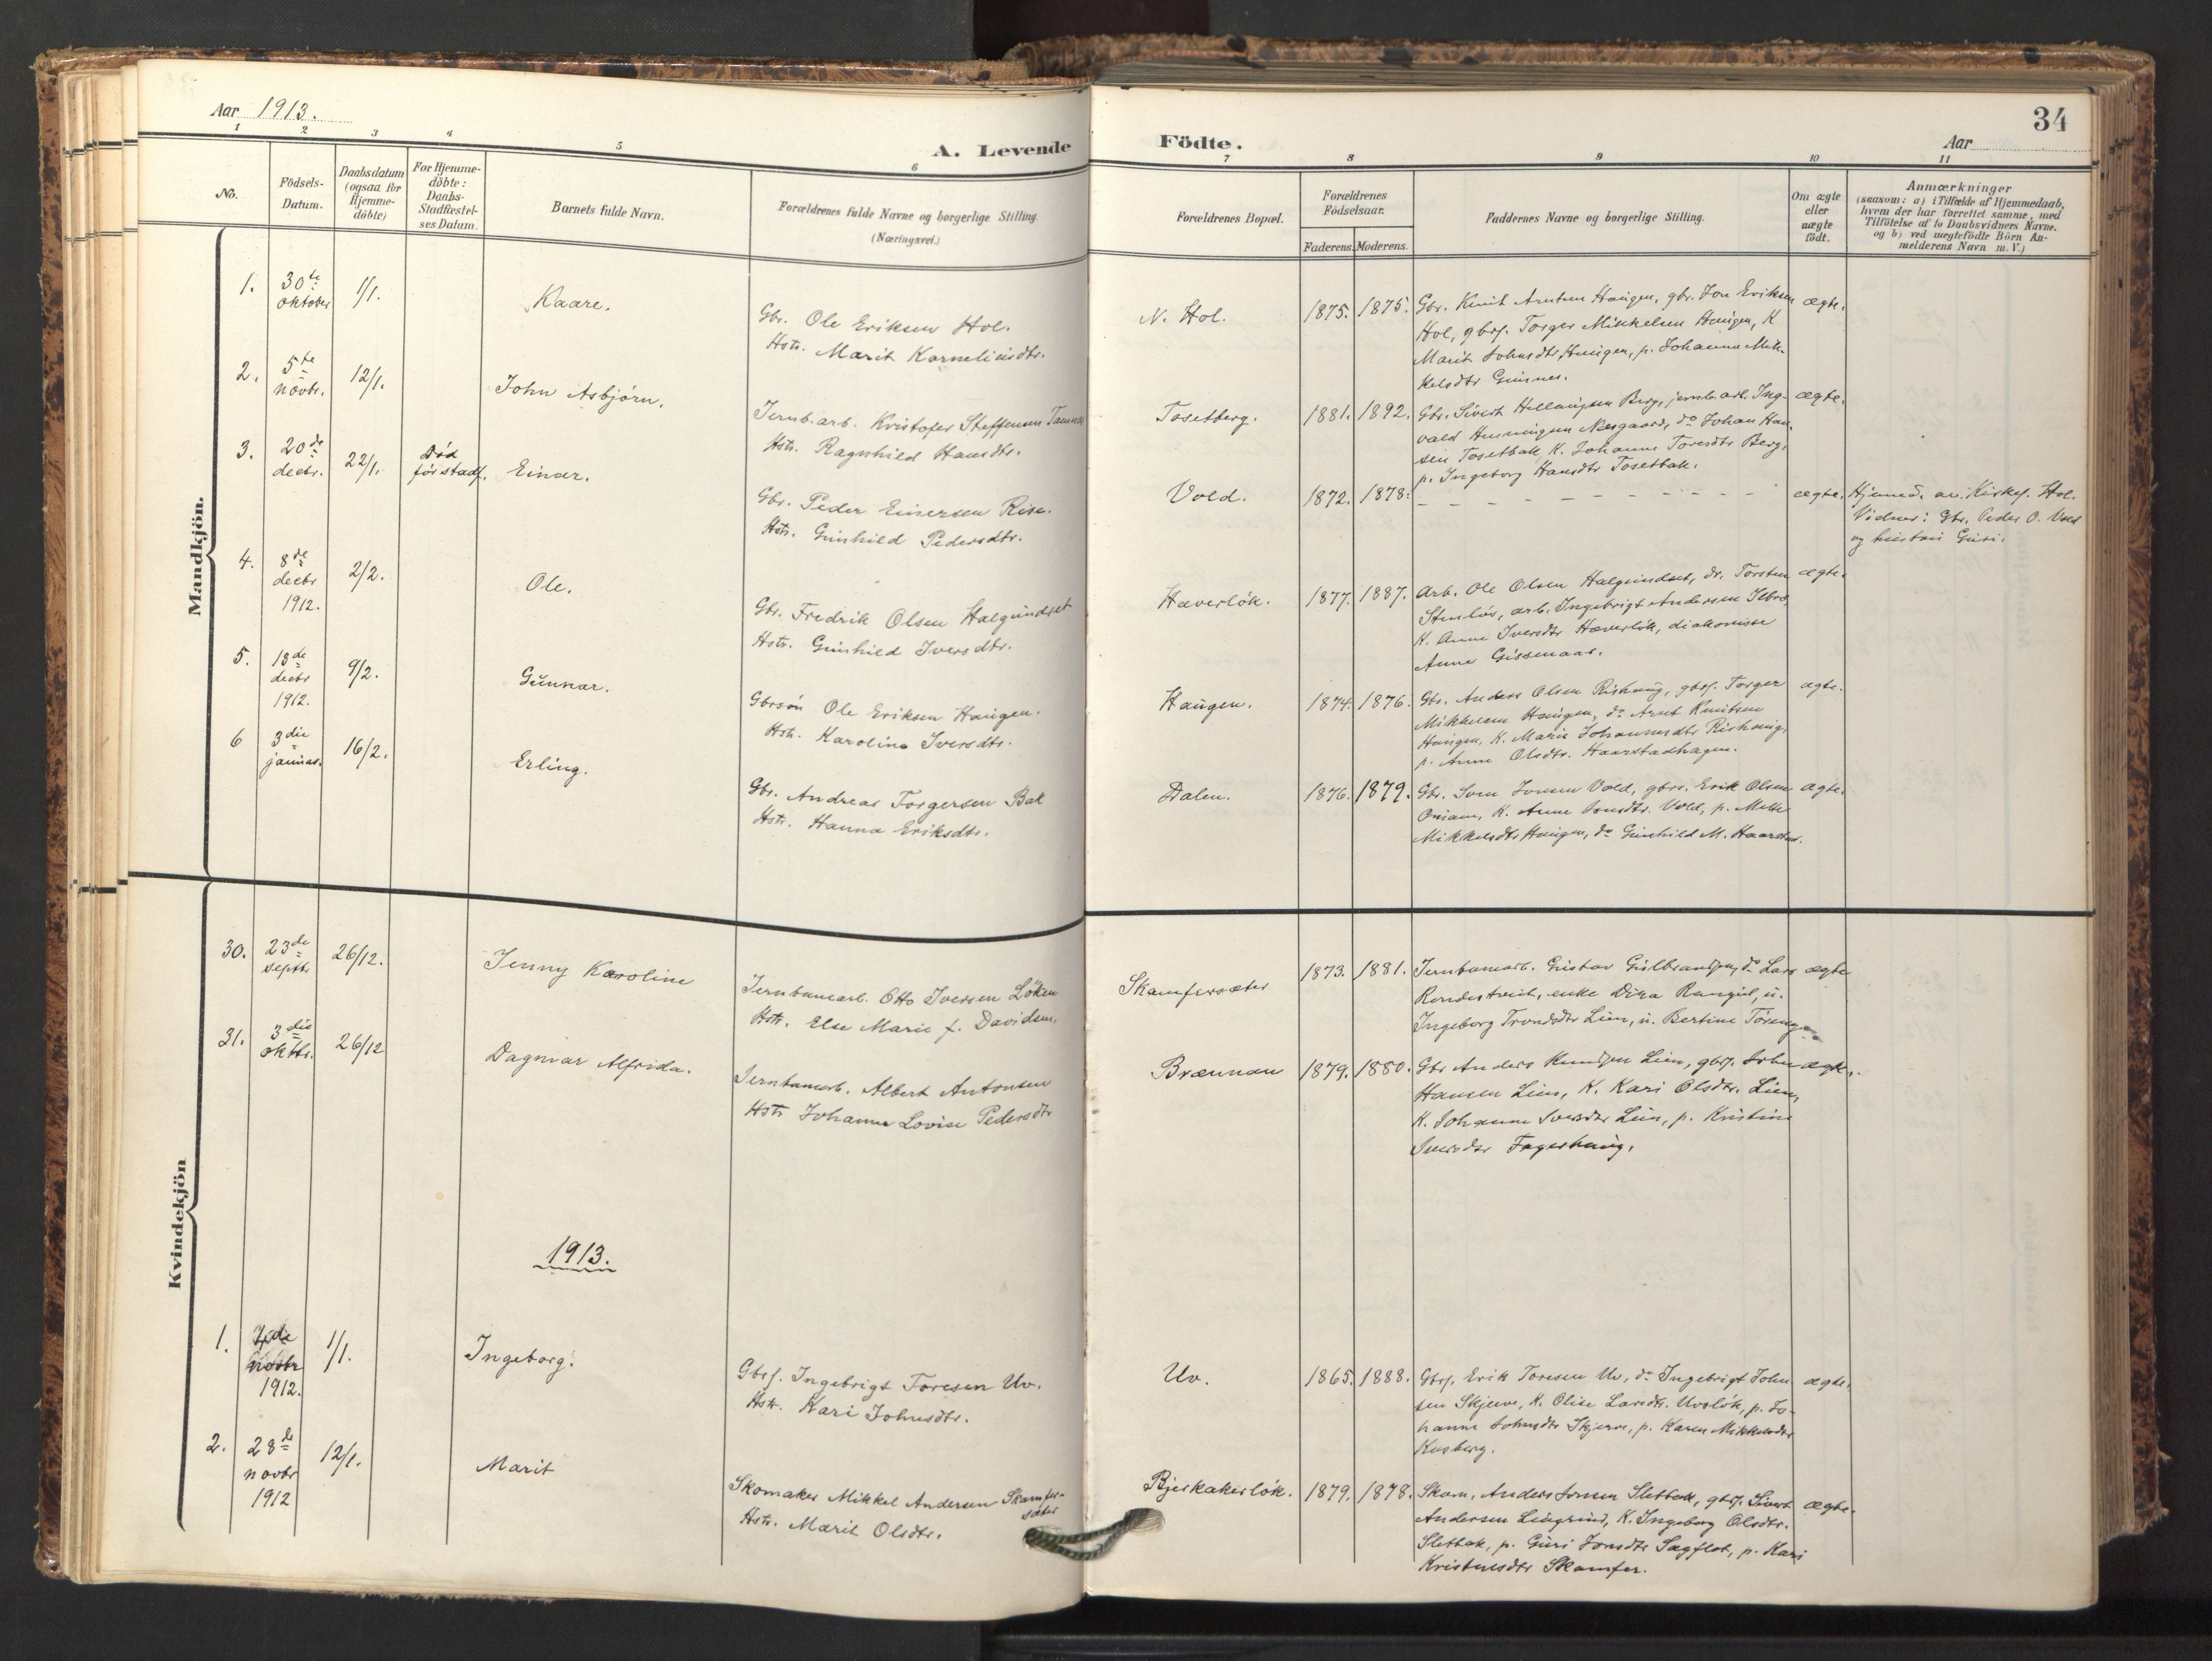 SAT, Ministerialprotokoller, klokkerbøker og fødselsregistre - Sør-Trøndelag, 674/L0873: Ministerialbok nr. 674A05, 1908-1923, s. 34